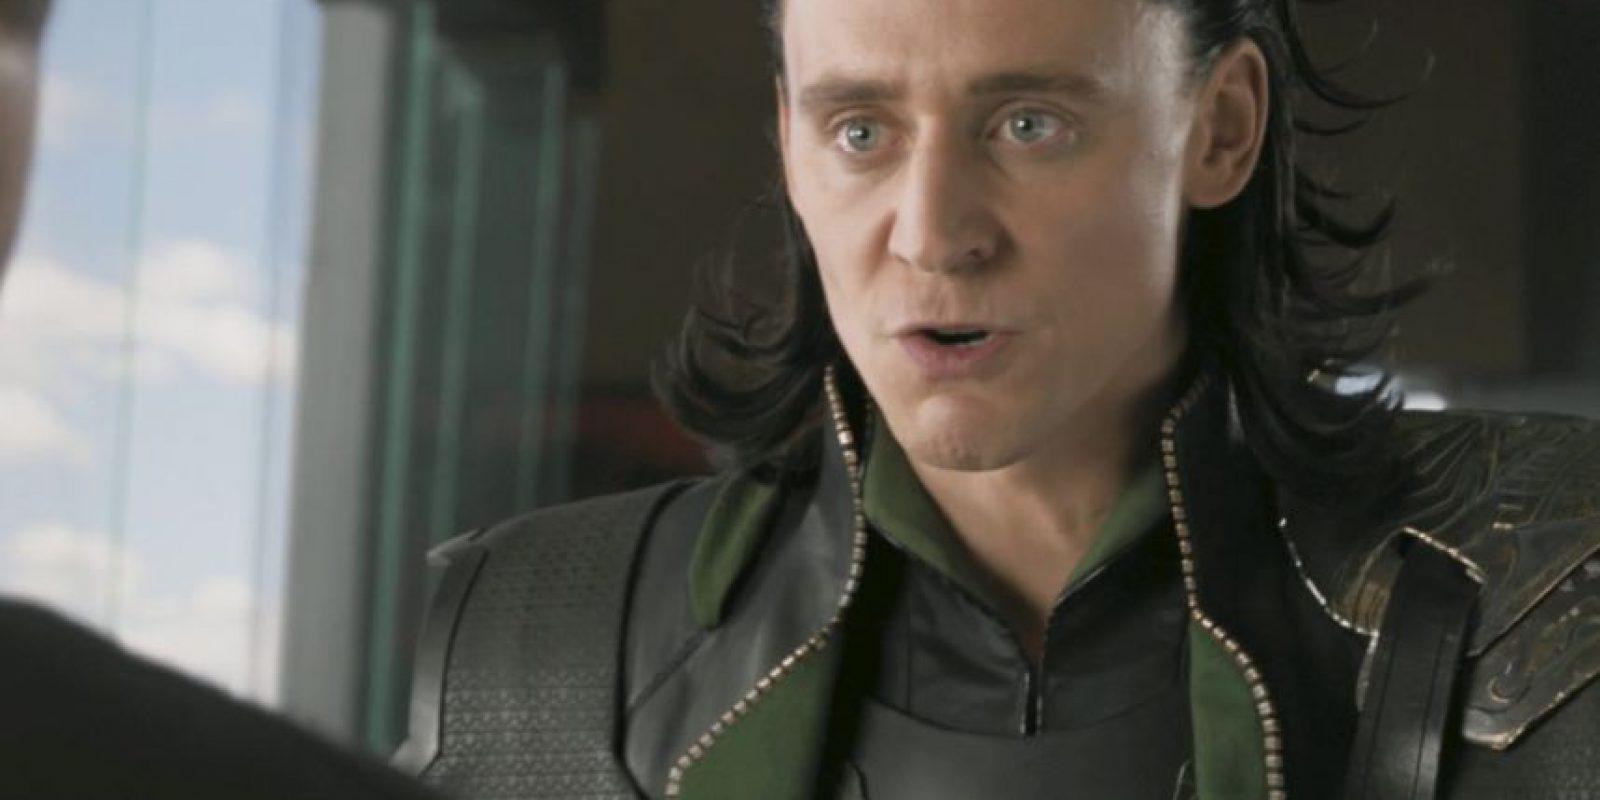 """Para """"Loki"""" se necesita un actor de rasgos angulosos. Y que como su actor actual, Tom Hiddleston, tenga formación teatral y de una apariencia atormentada. Foto:vía Marvel"""